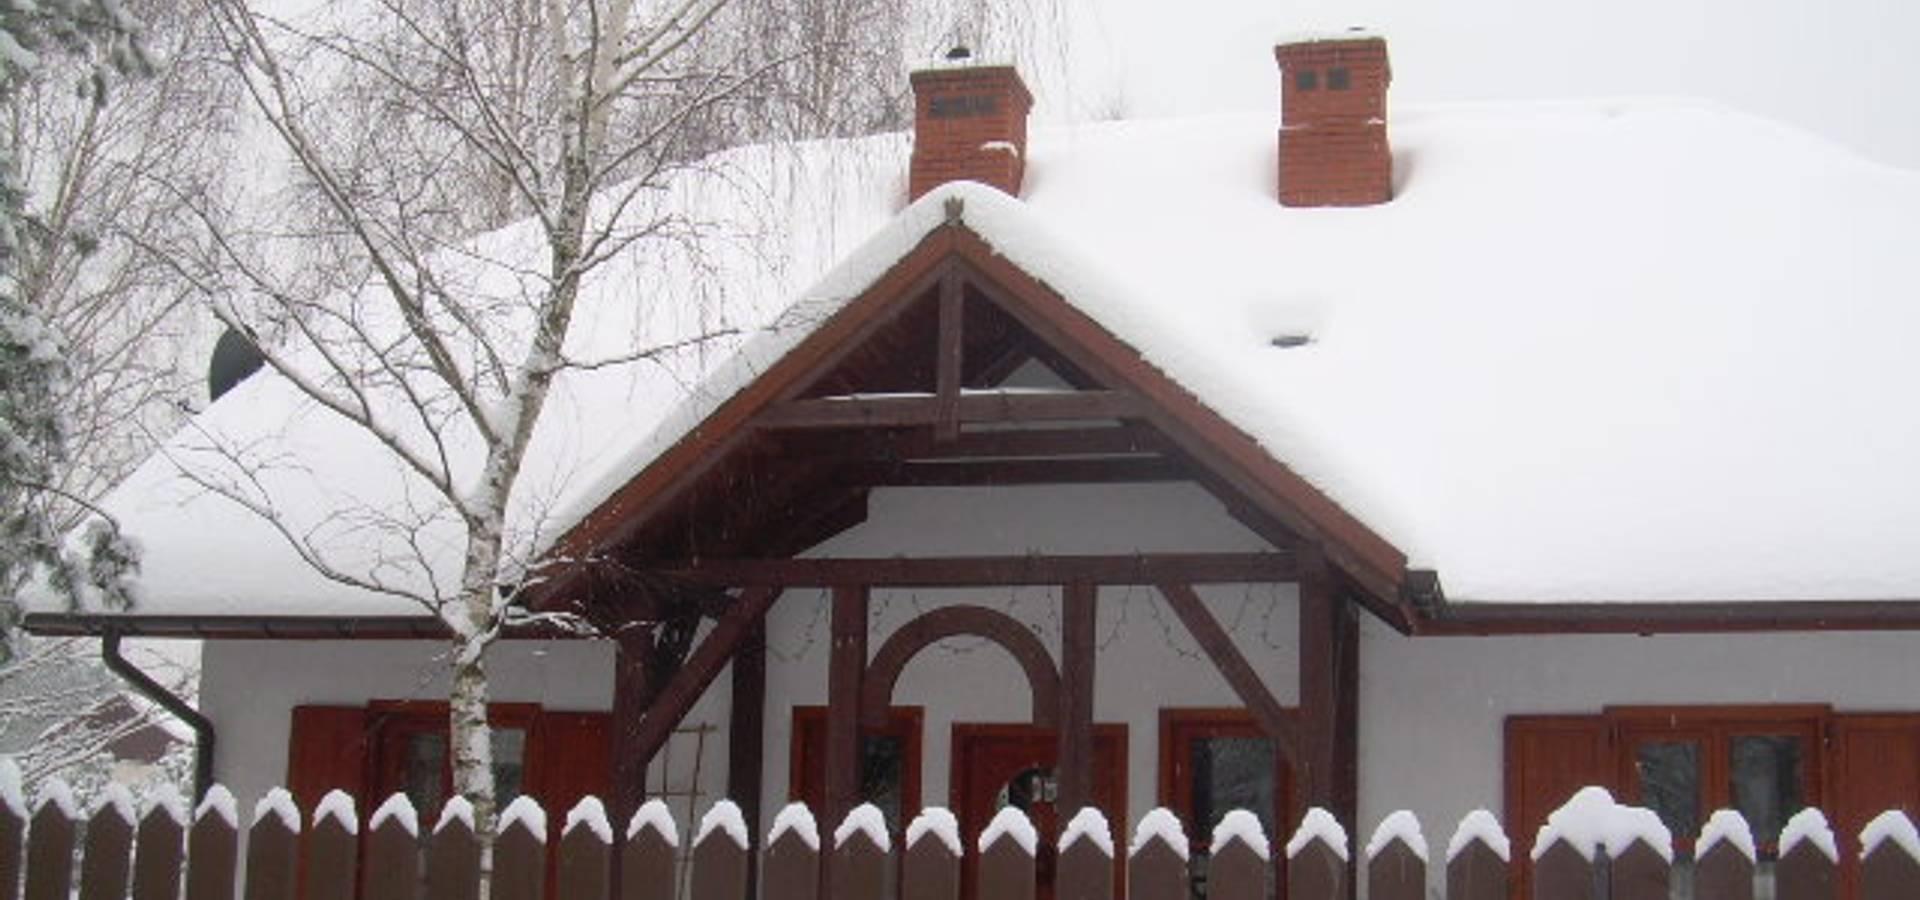 BM-Architekci